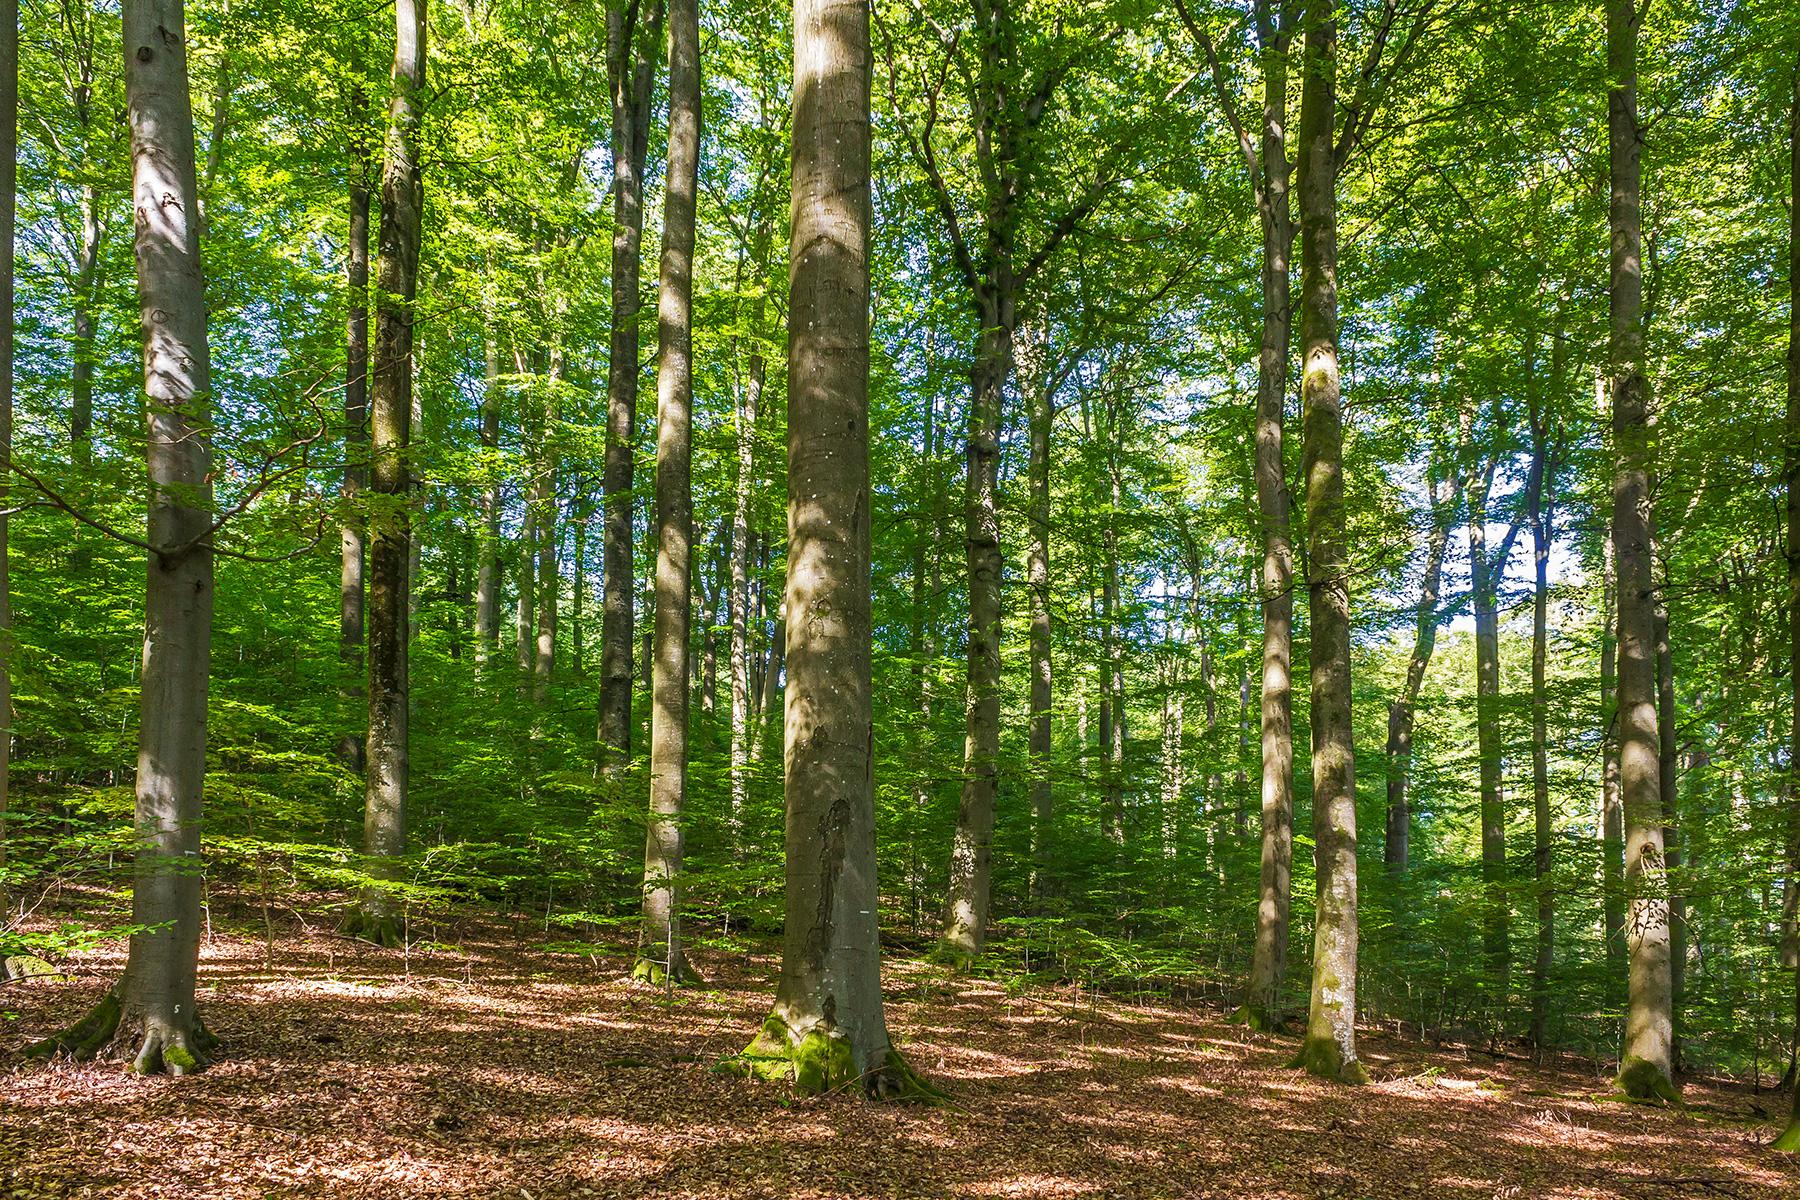 210 Jahre alter Buchenwald mit Urwaldmerkmalen